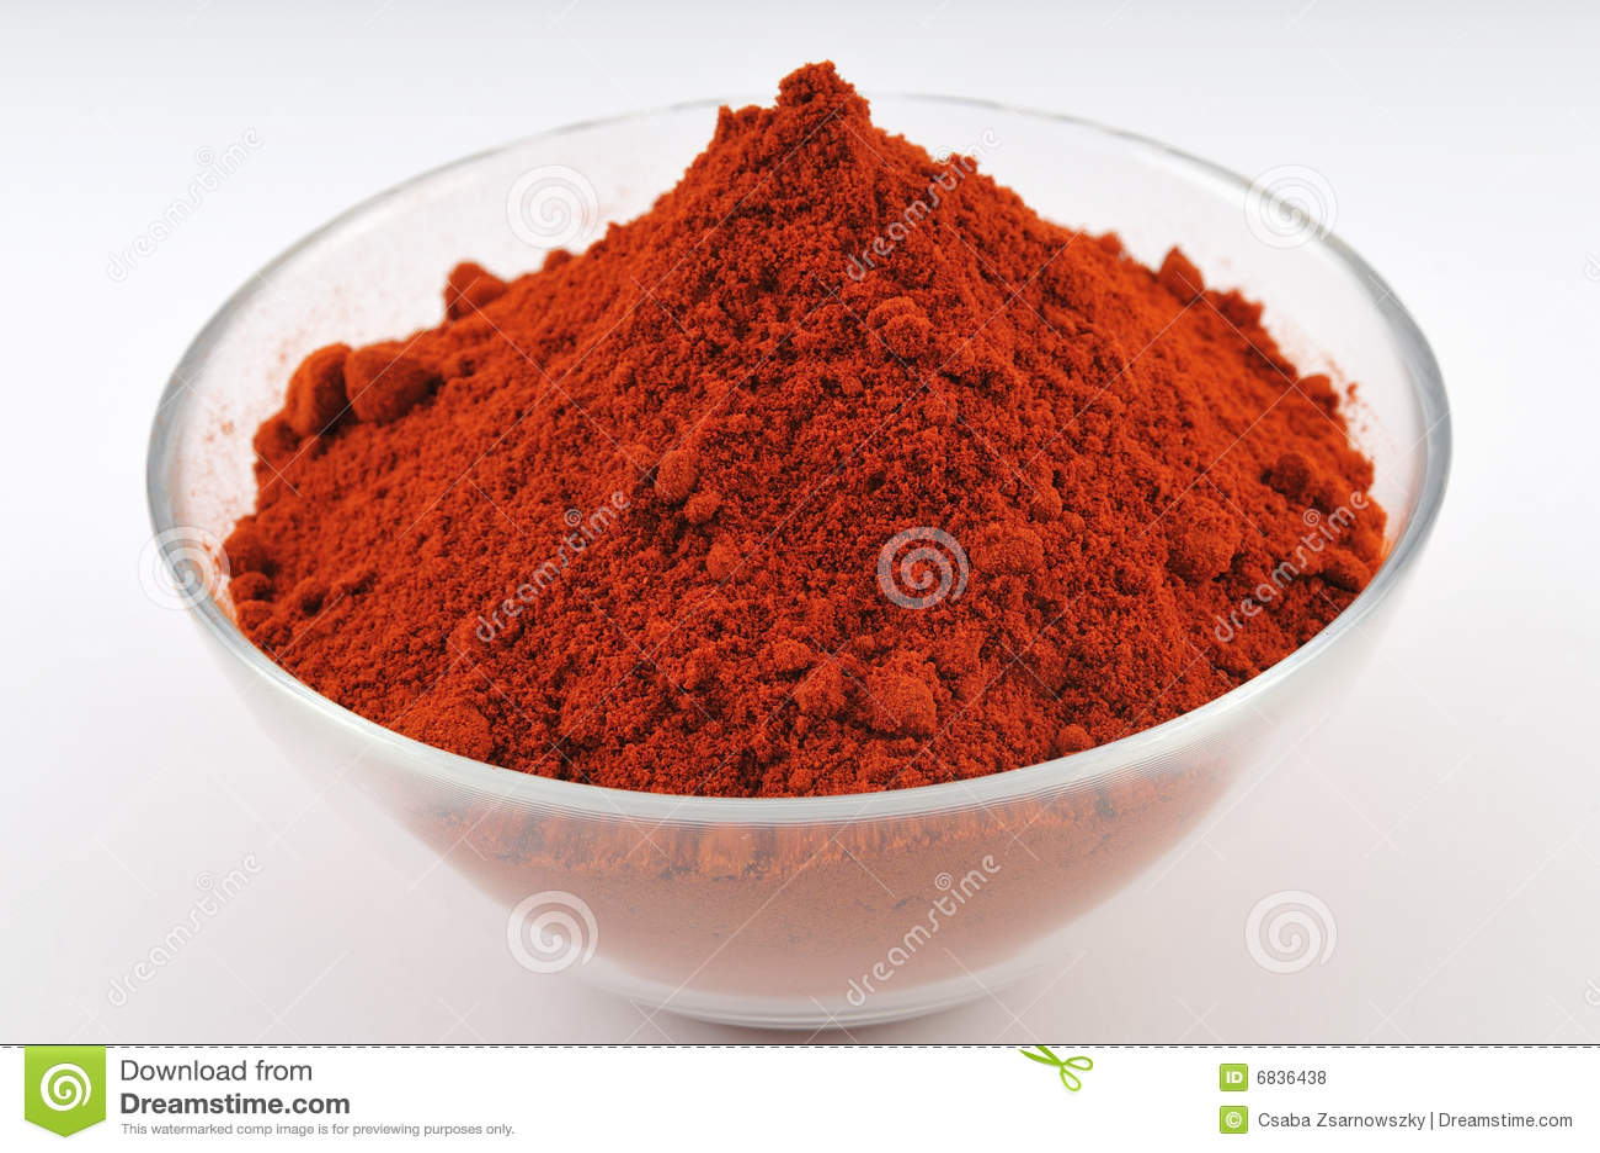 辣椒粉粉末红色